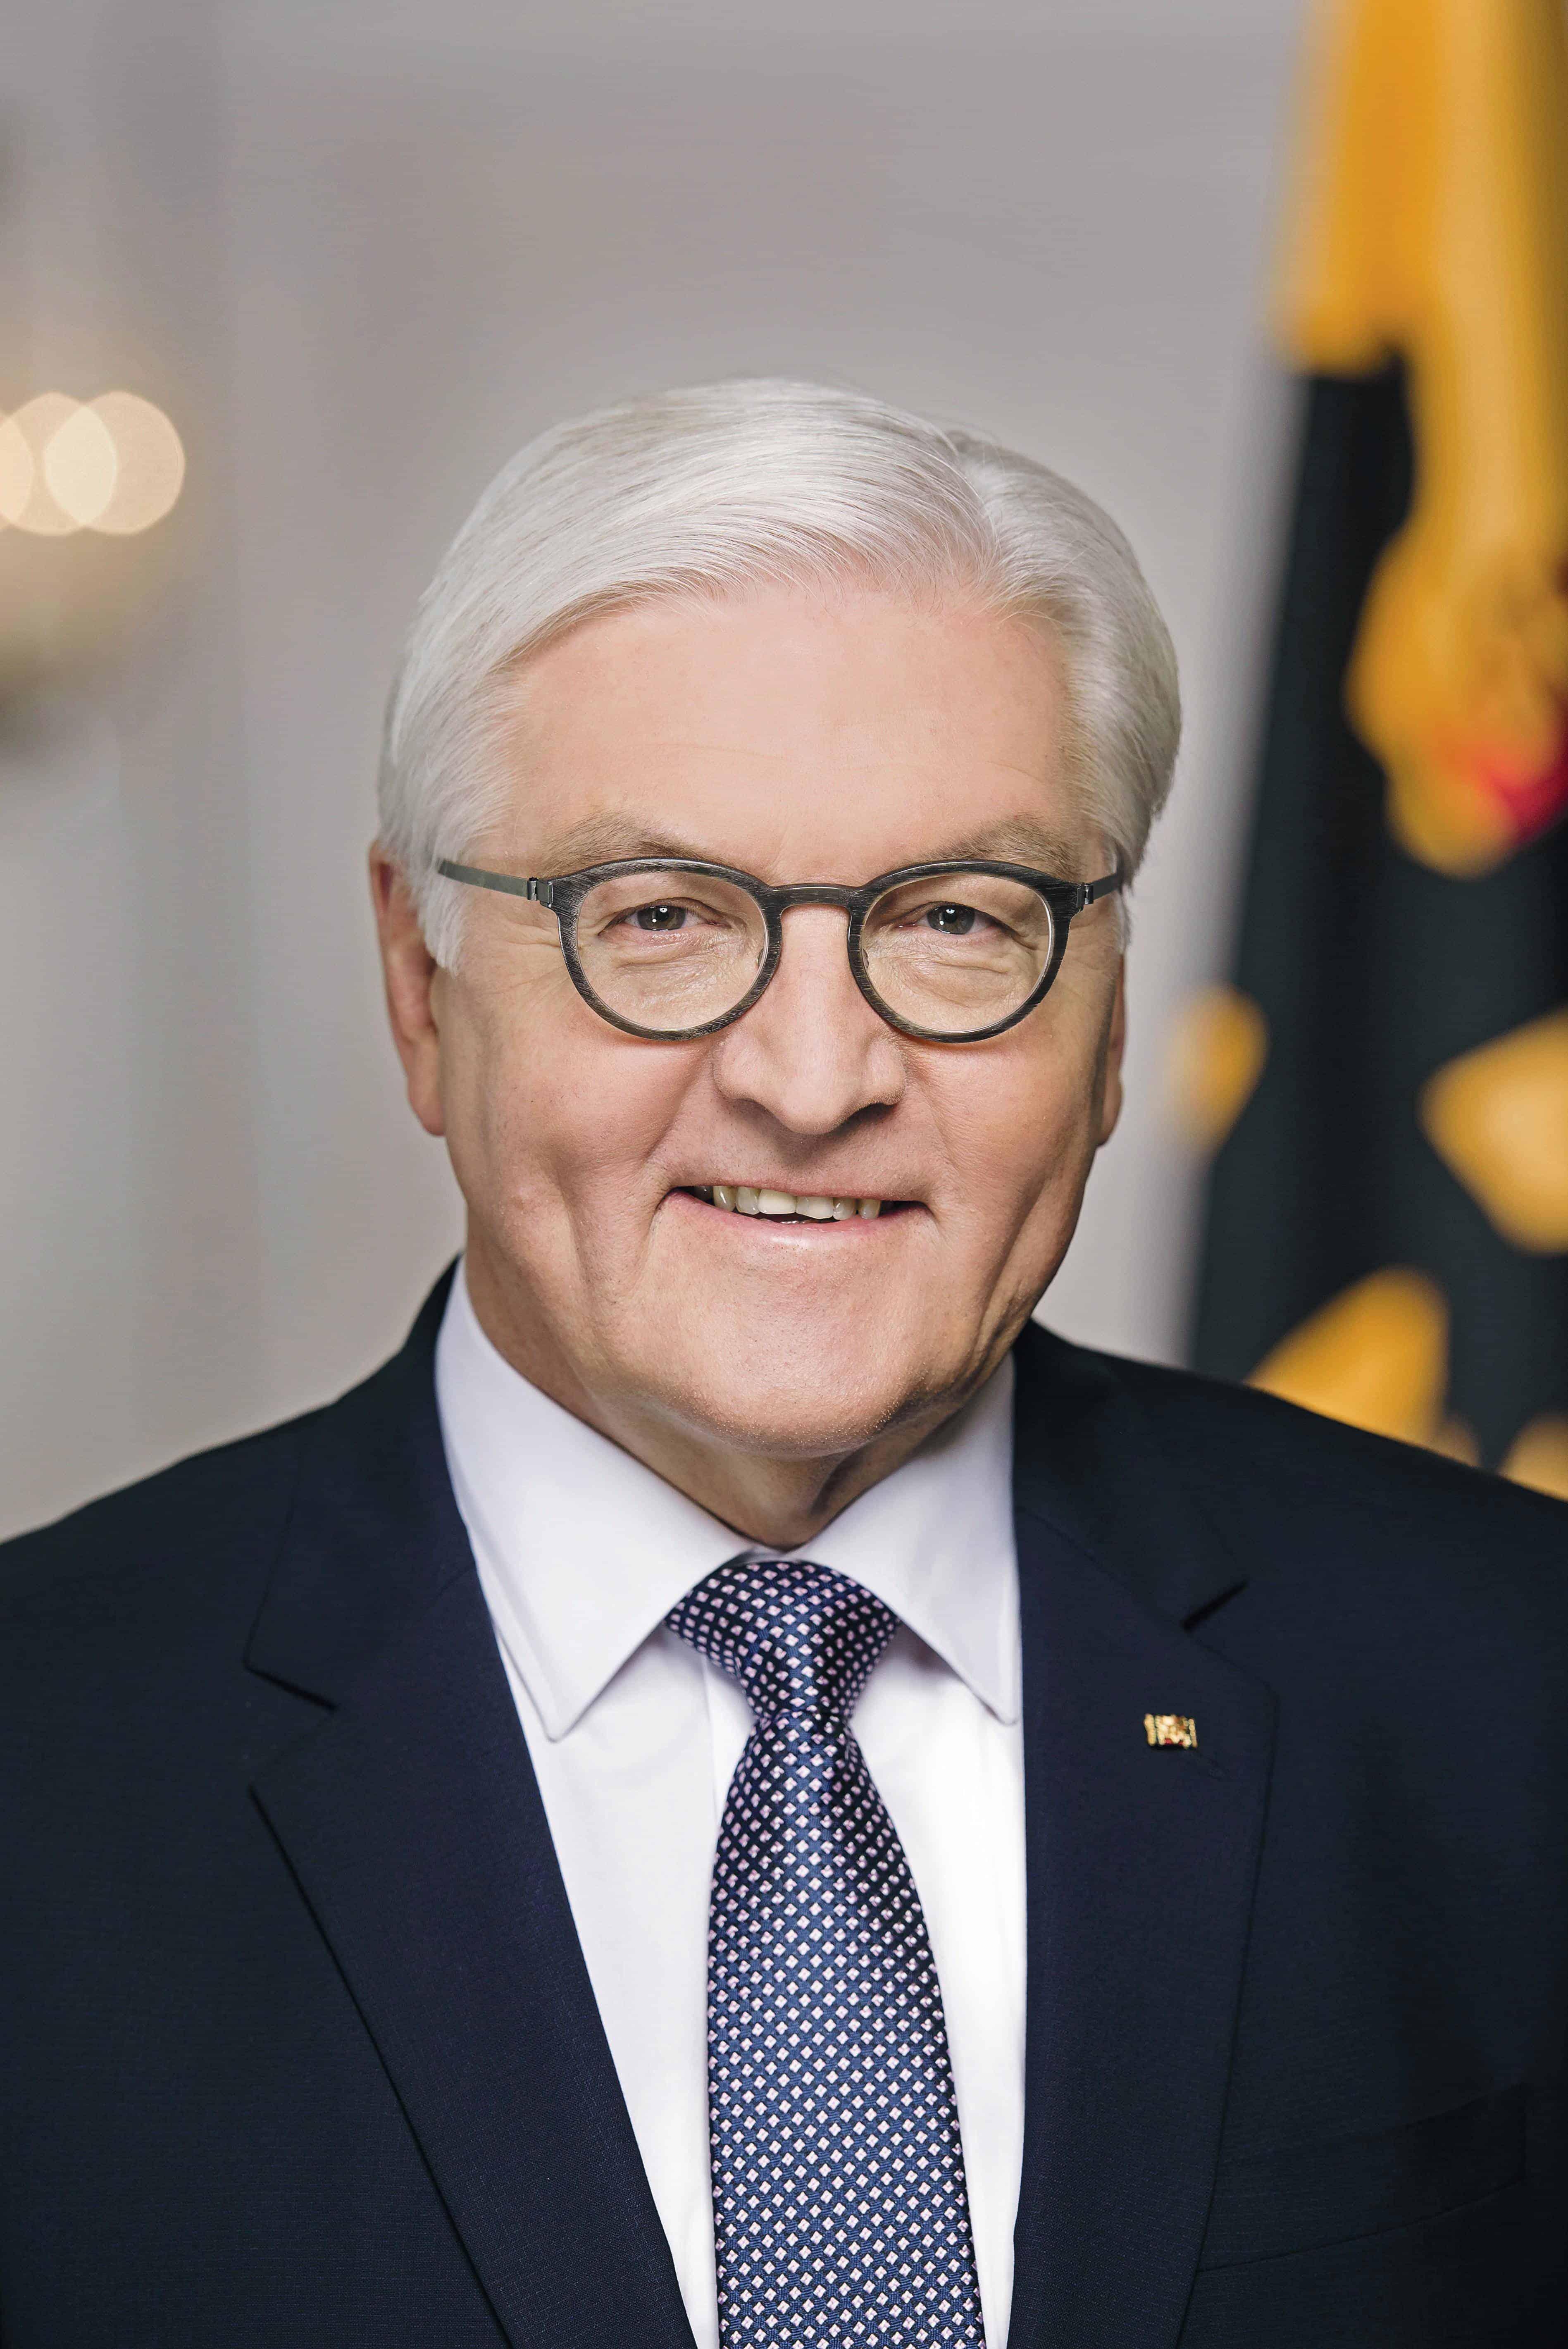 Bundespräsident Frank-Walter Steinmeier Majestätsbeleidigung kaum möglich